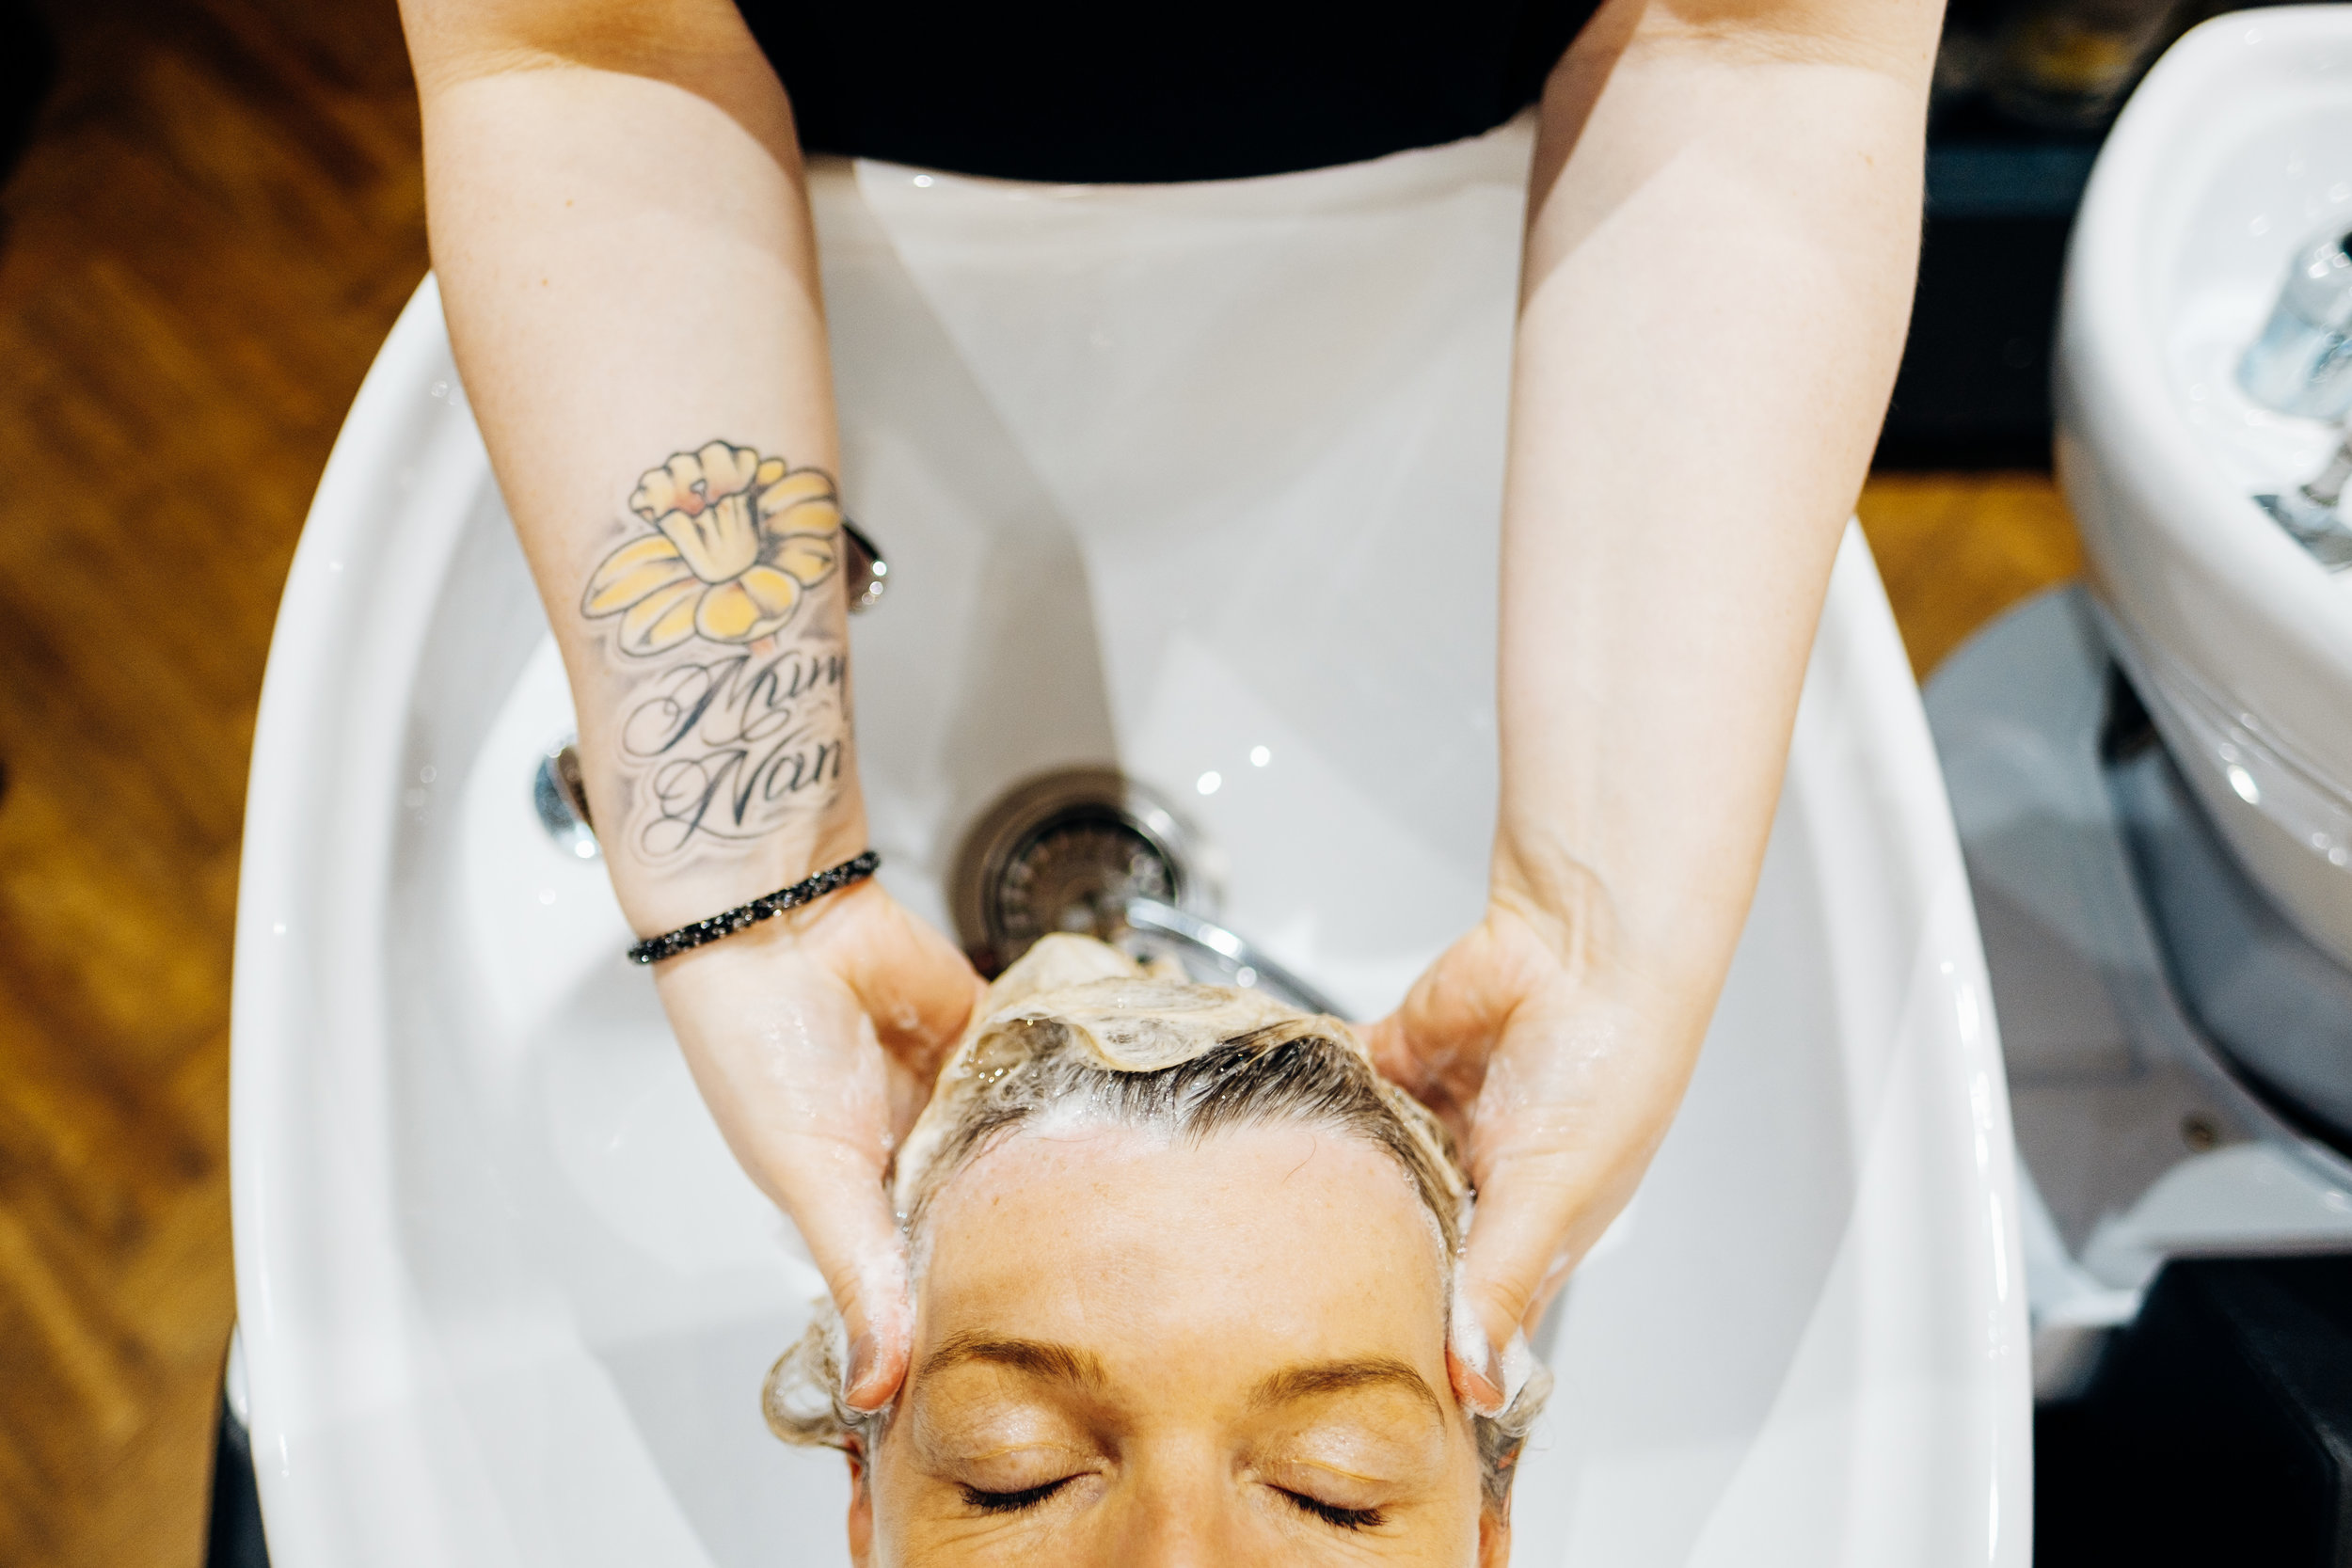 Tribe hair salon Chislehurst, photo by Marianne Chua